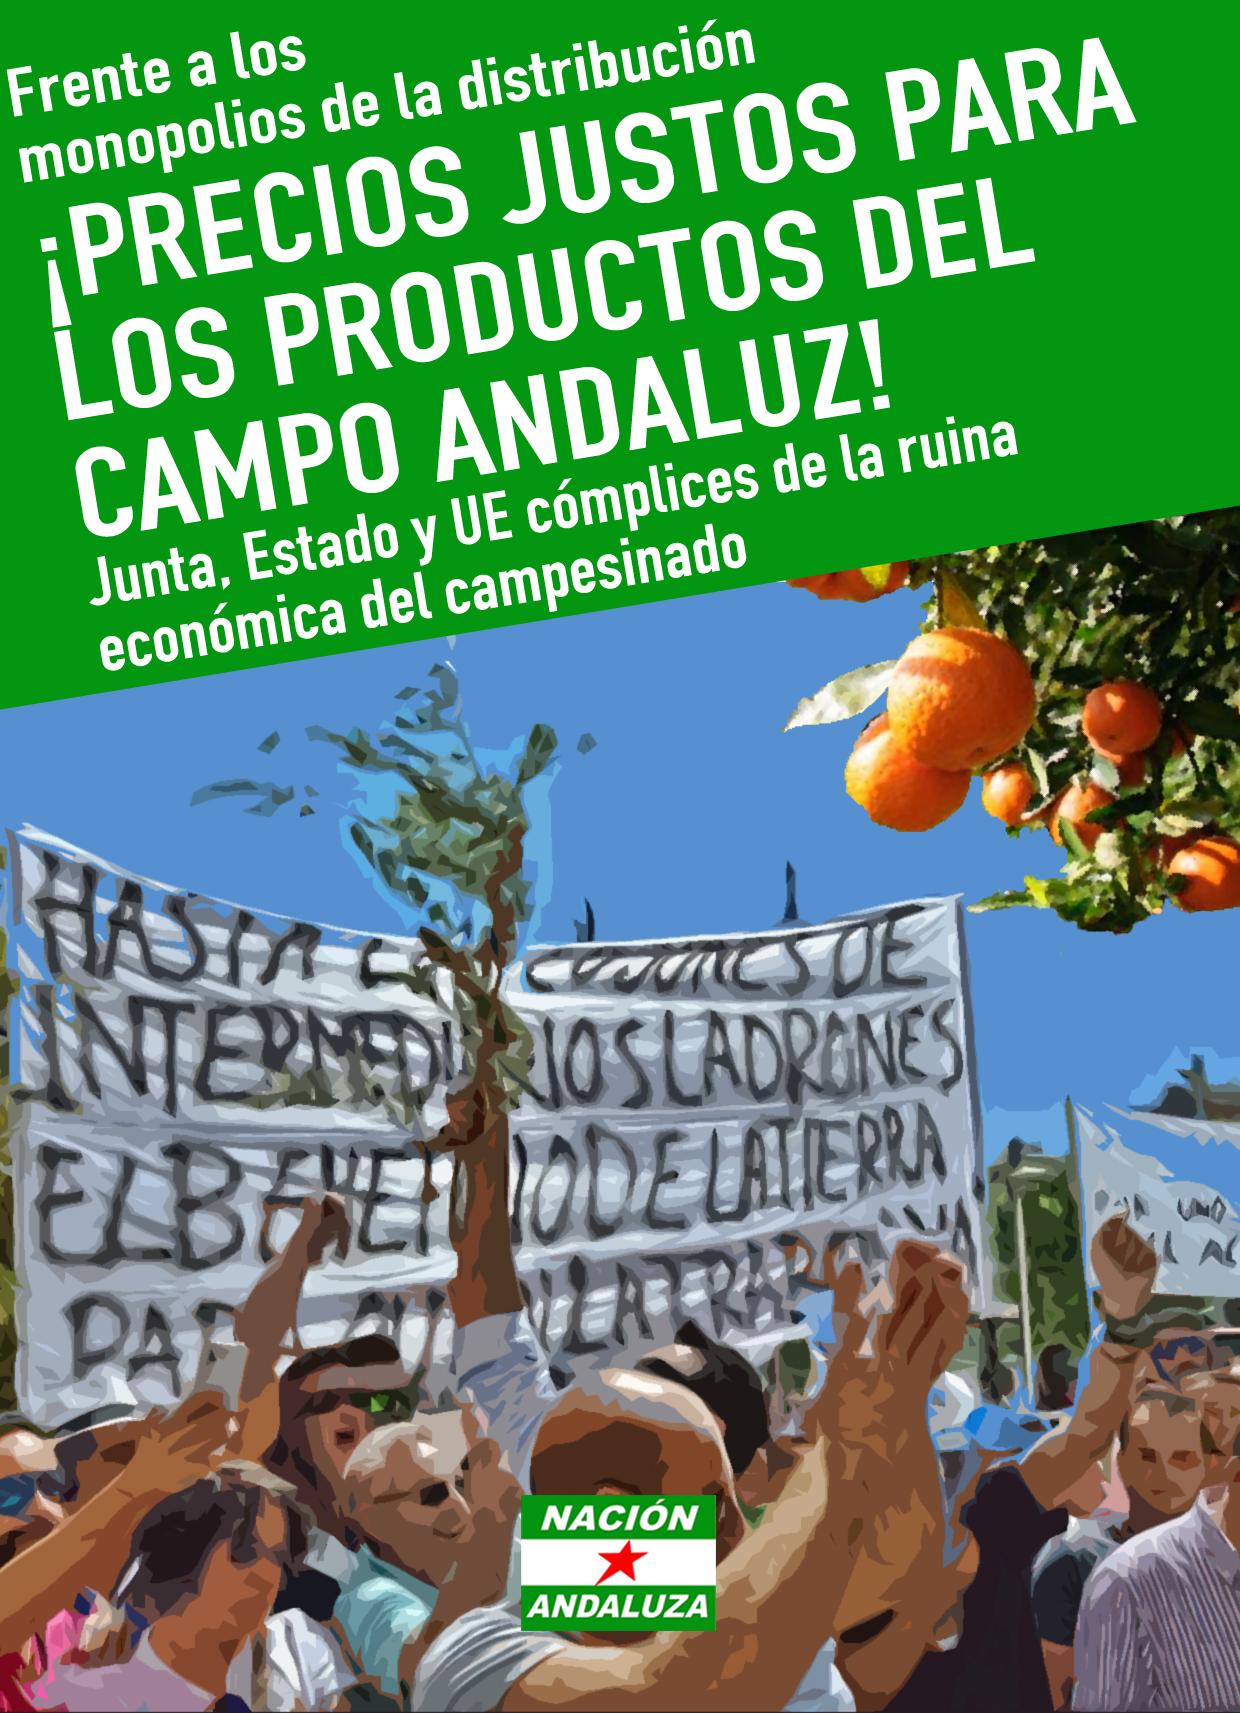 ¡No a los monopolios que empobrecen al pequeño y mediano campesinado andaluz! ¡Precios justos para el campo andaluz!